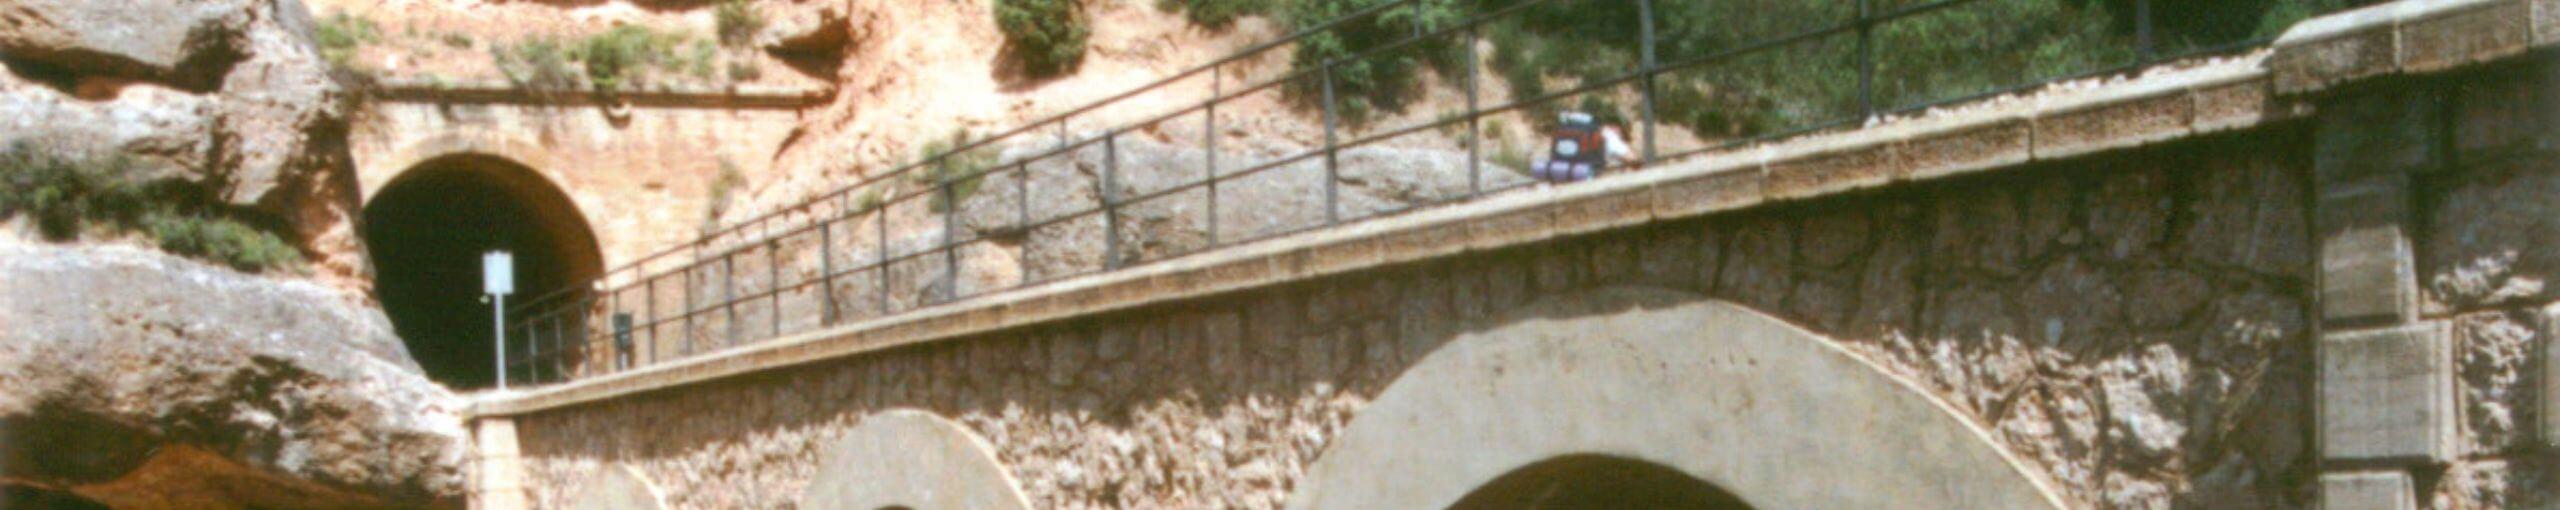 Vía Verde Terra Alta. Tarragona, Cataluña.